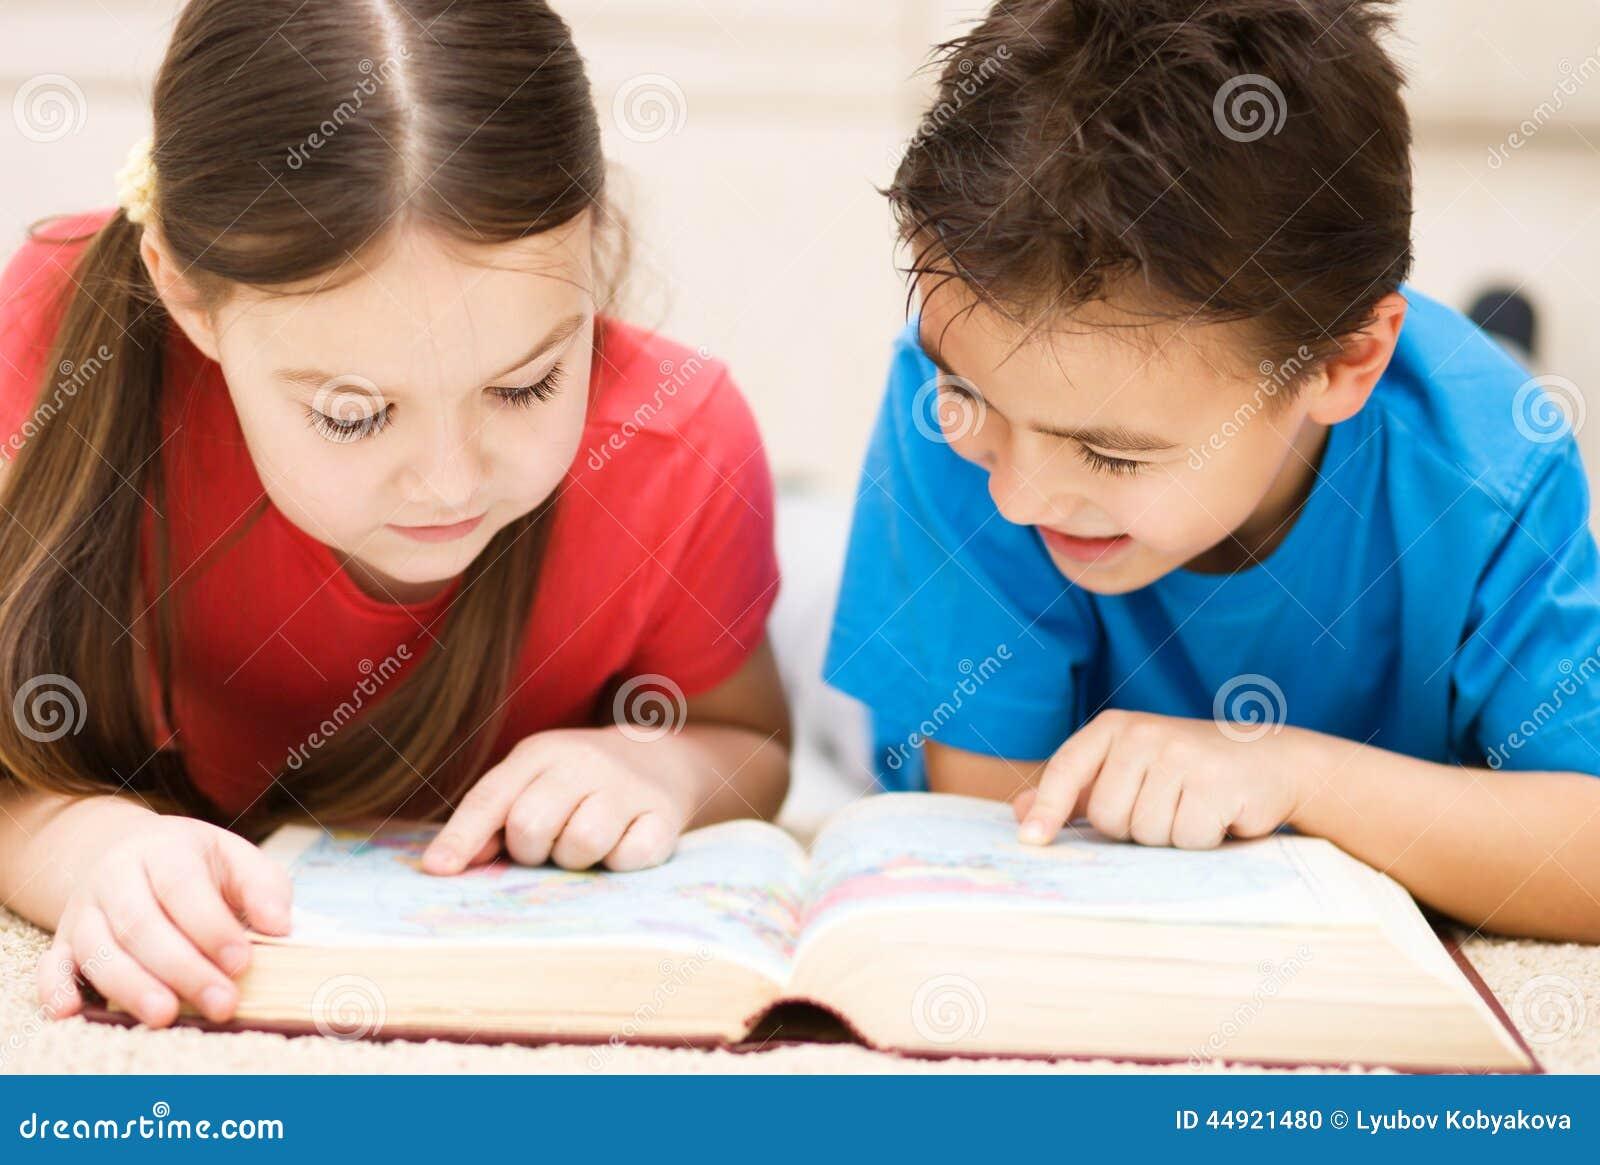 Τα παιδιά διαβάζουν το βιβλίο